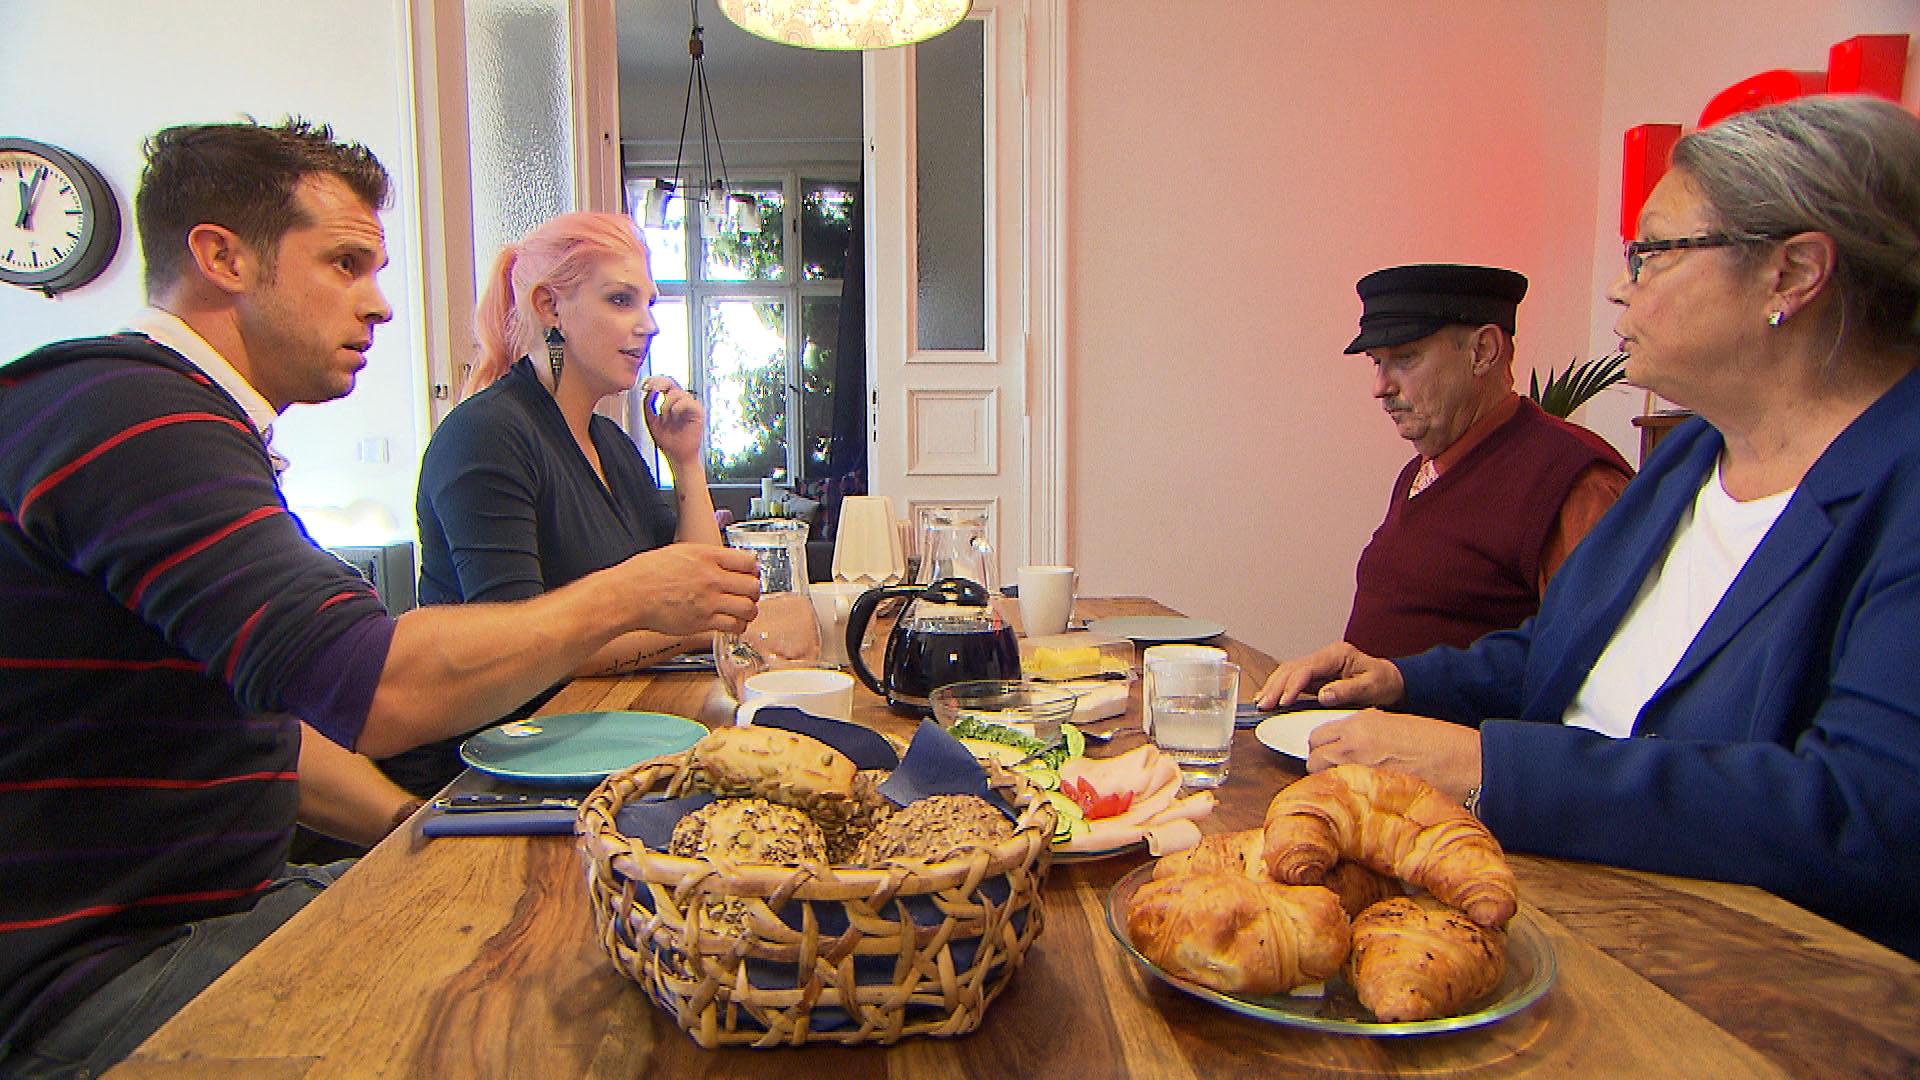 Bevor sich Paulas und Bastis Eltern zum ersten Mal begegnen, ist Basti extrem nervös. v.li.: Basti, Paula, Paulas Eltern (Quelle: RTL 2)